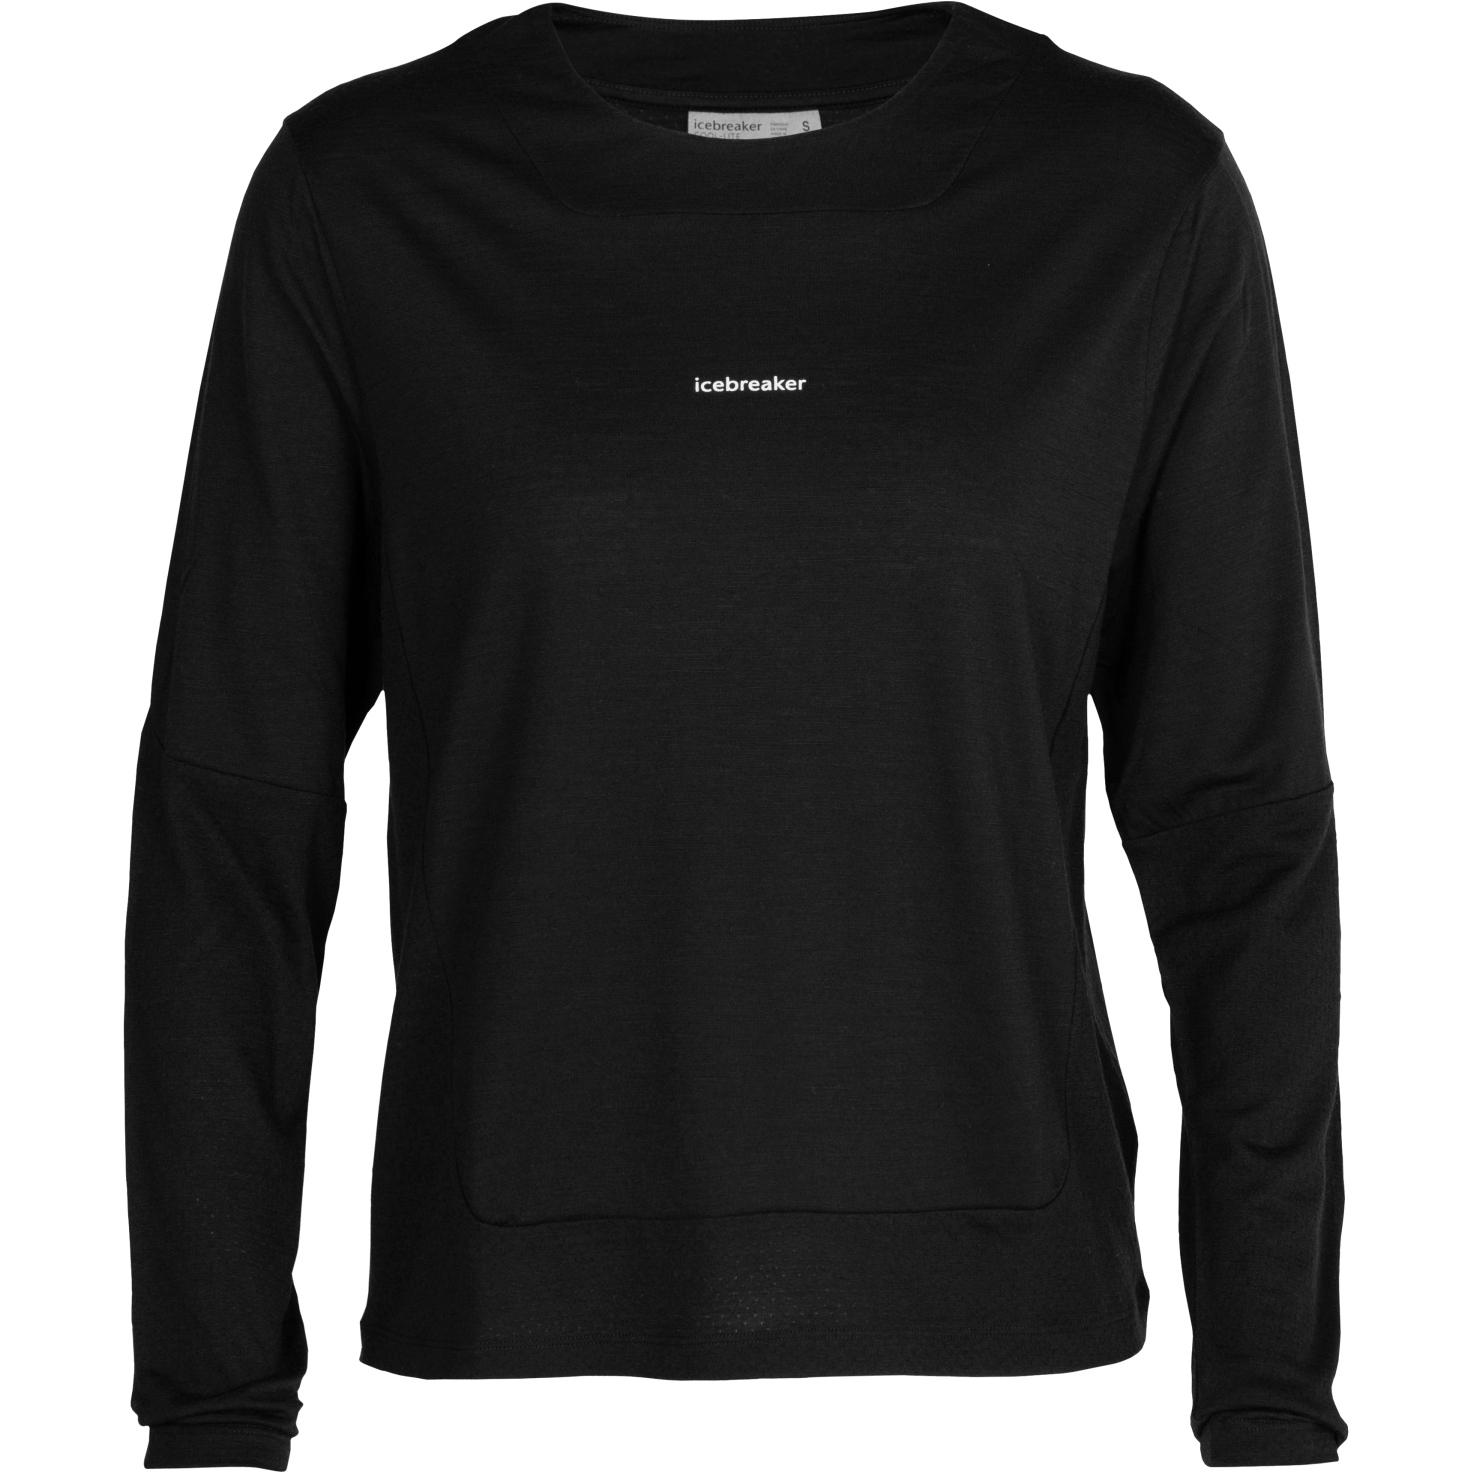 Produktbild von Icebreaker ZoneKnit™ Damen Langarmshirt - Black